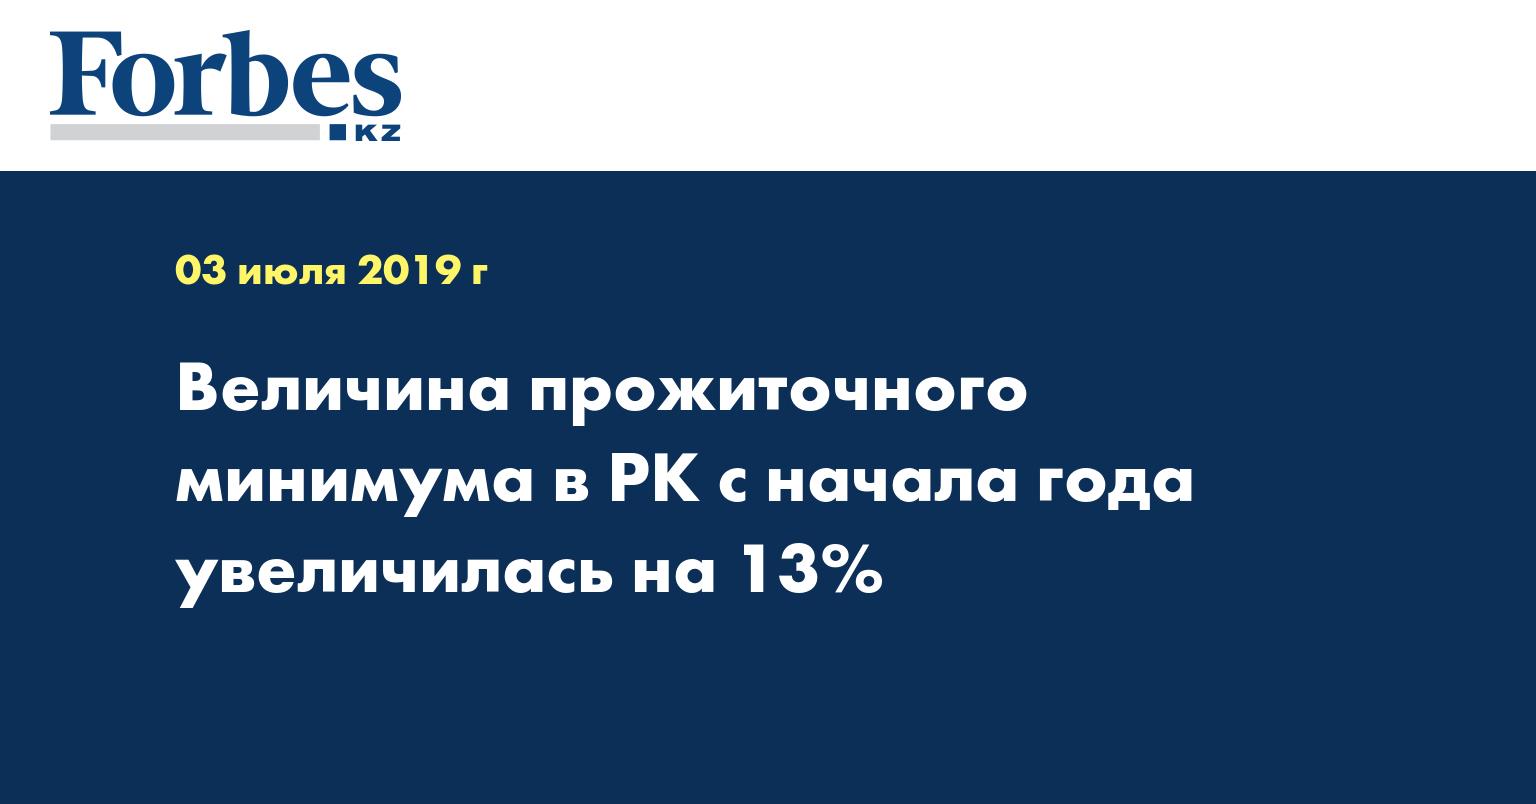 Величина прожиточного минимума в РК с начала года увеличилась на 13%